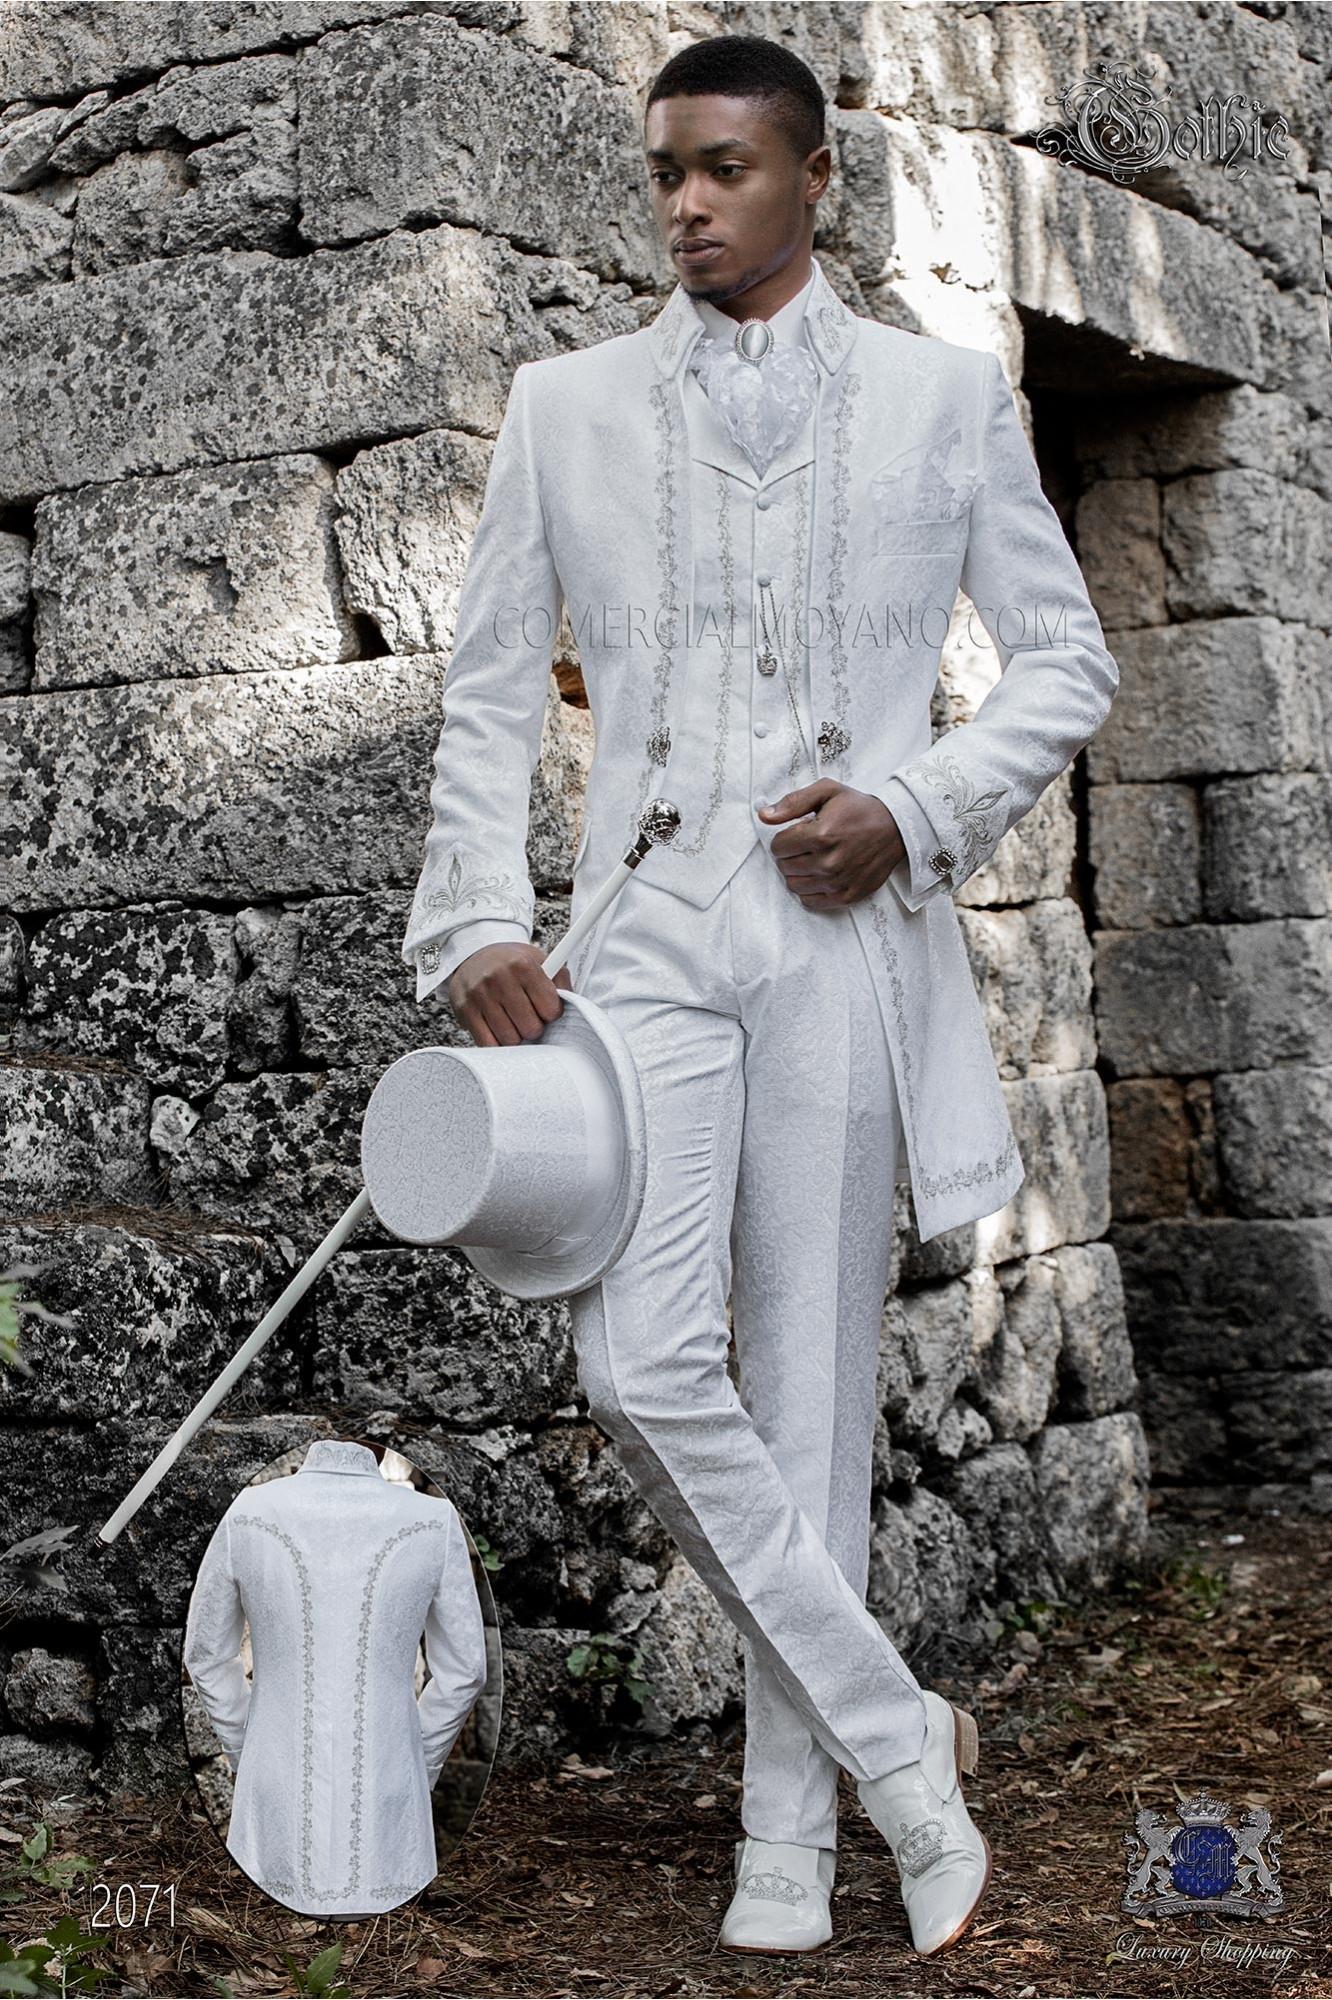 Broderie BaroqueNapoléon Marié Redingote Jacquard Et Vintage Costume Blanc Cristal Avec Col En Tissu De D'argent Fermoir qUVzMSpG